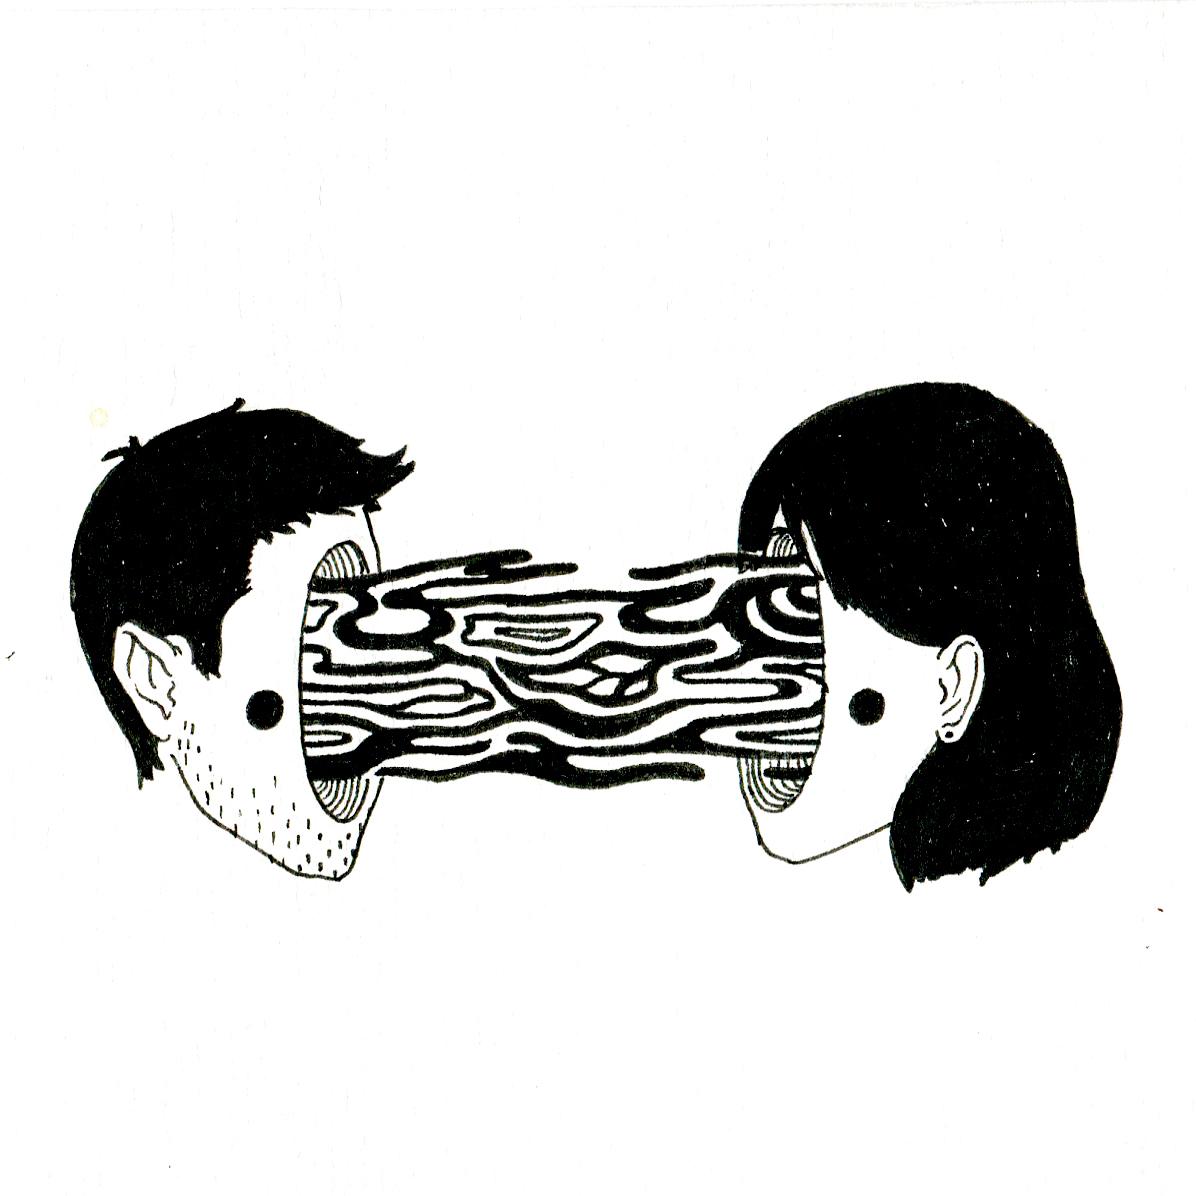 La comunicación es la clave de cualquier tipo de relación.